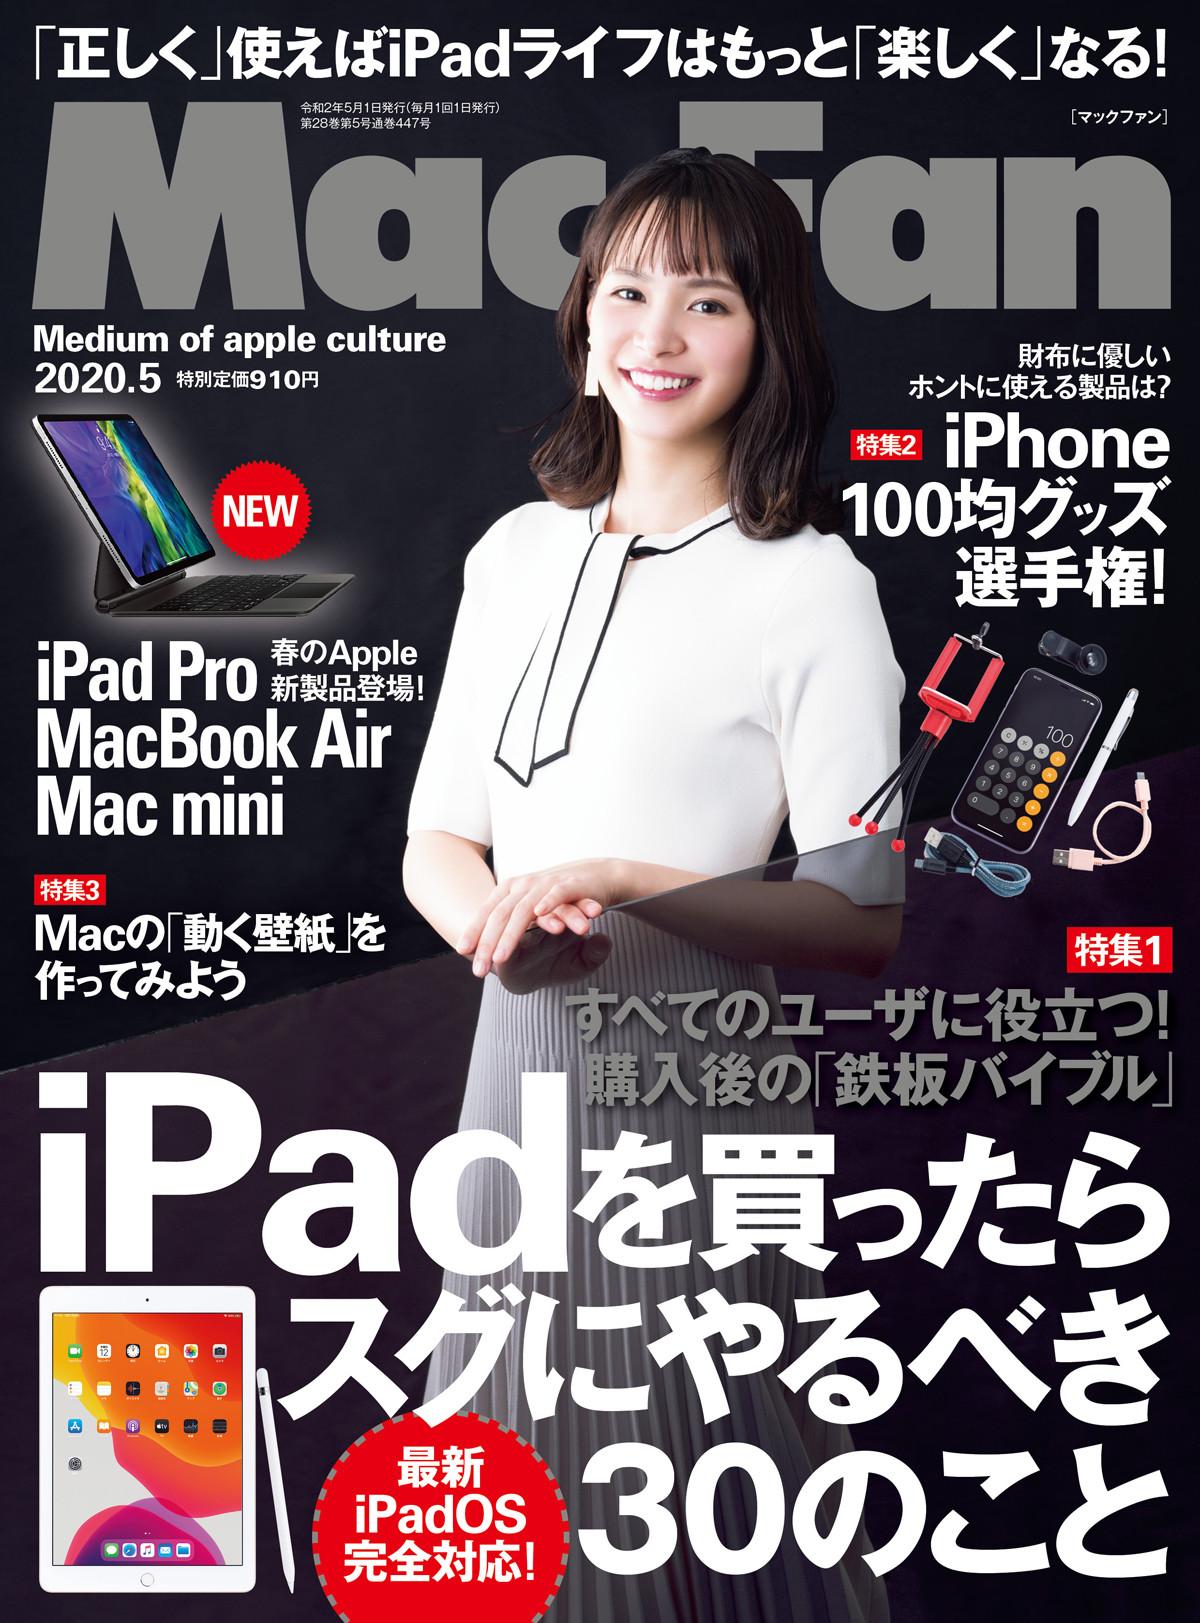 Mac Fan 5月号発売 特集は Ipadを買ったらスグにやるべき30のこと マイナビニュース